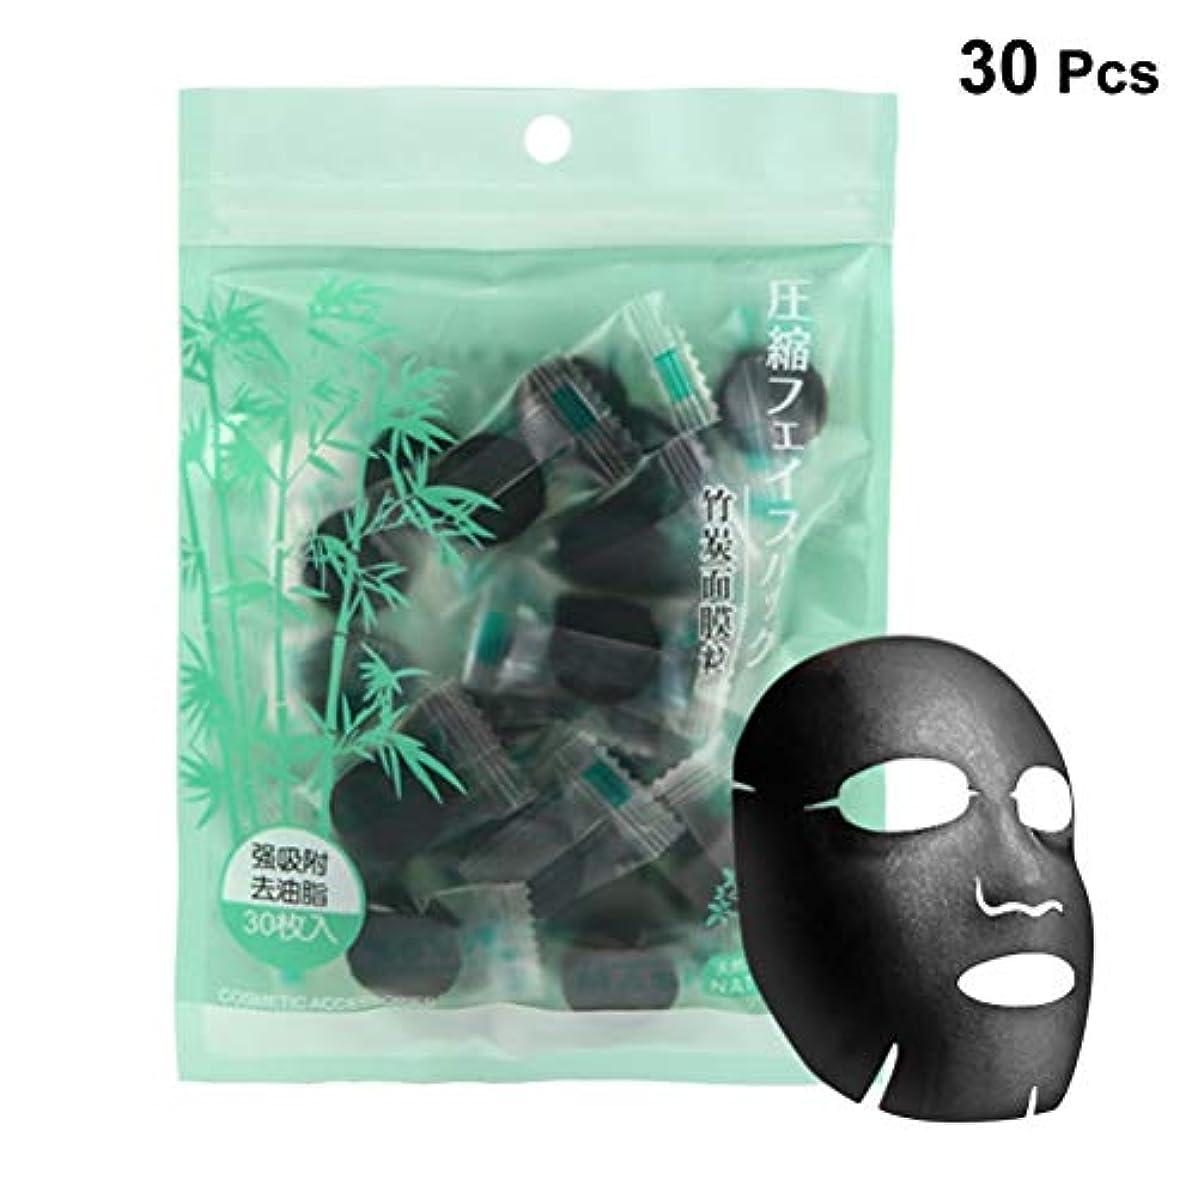 ハンバーガー数字成熟h 圧縮フェイスマスクブラック使い捨てスキンフェイスケアDIYフェイシャルマスク30ピース